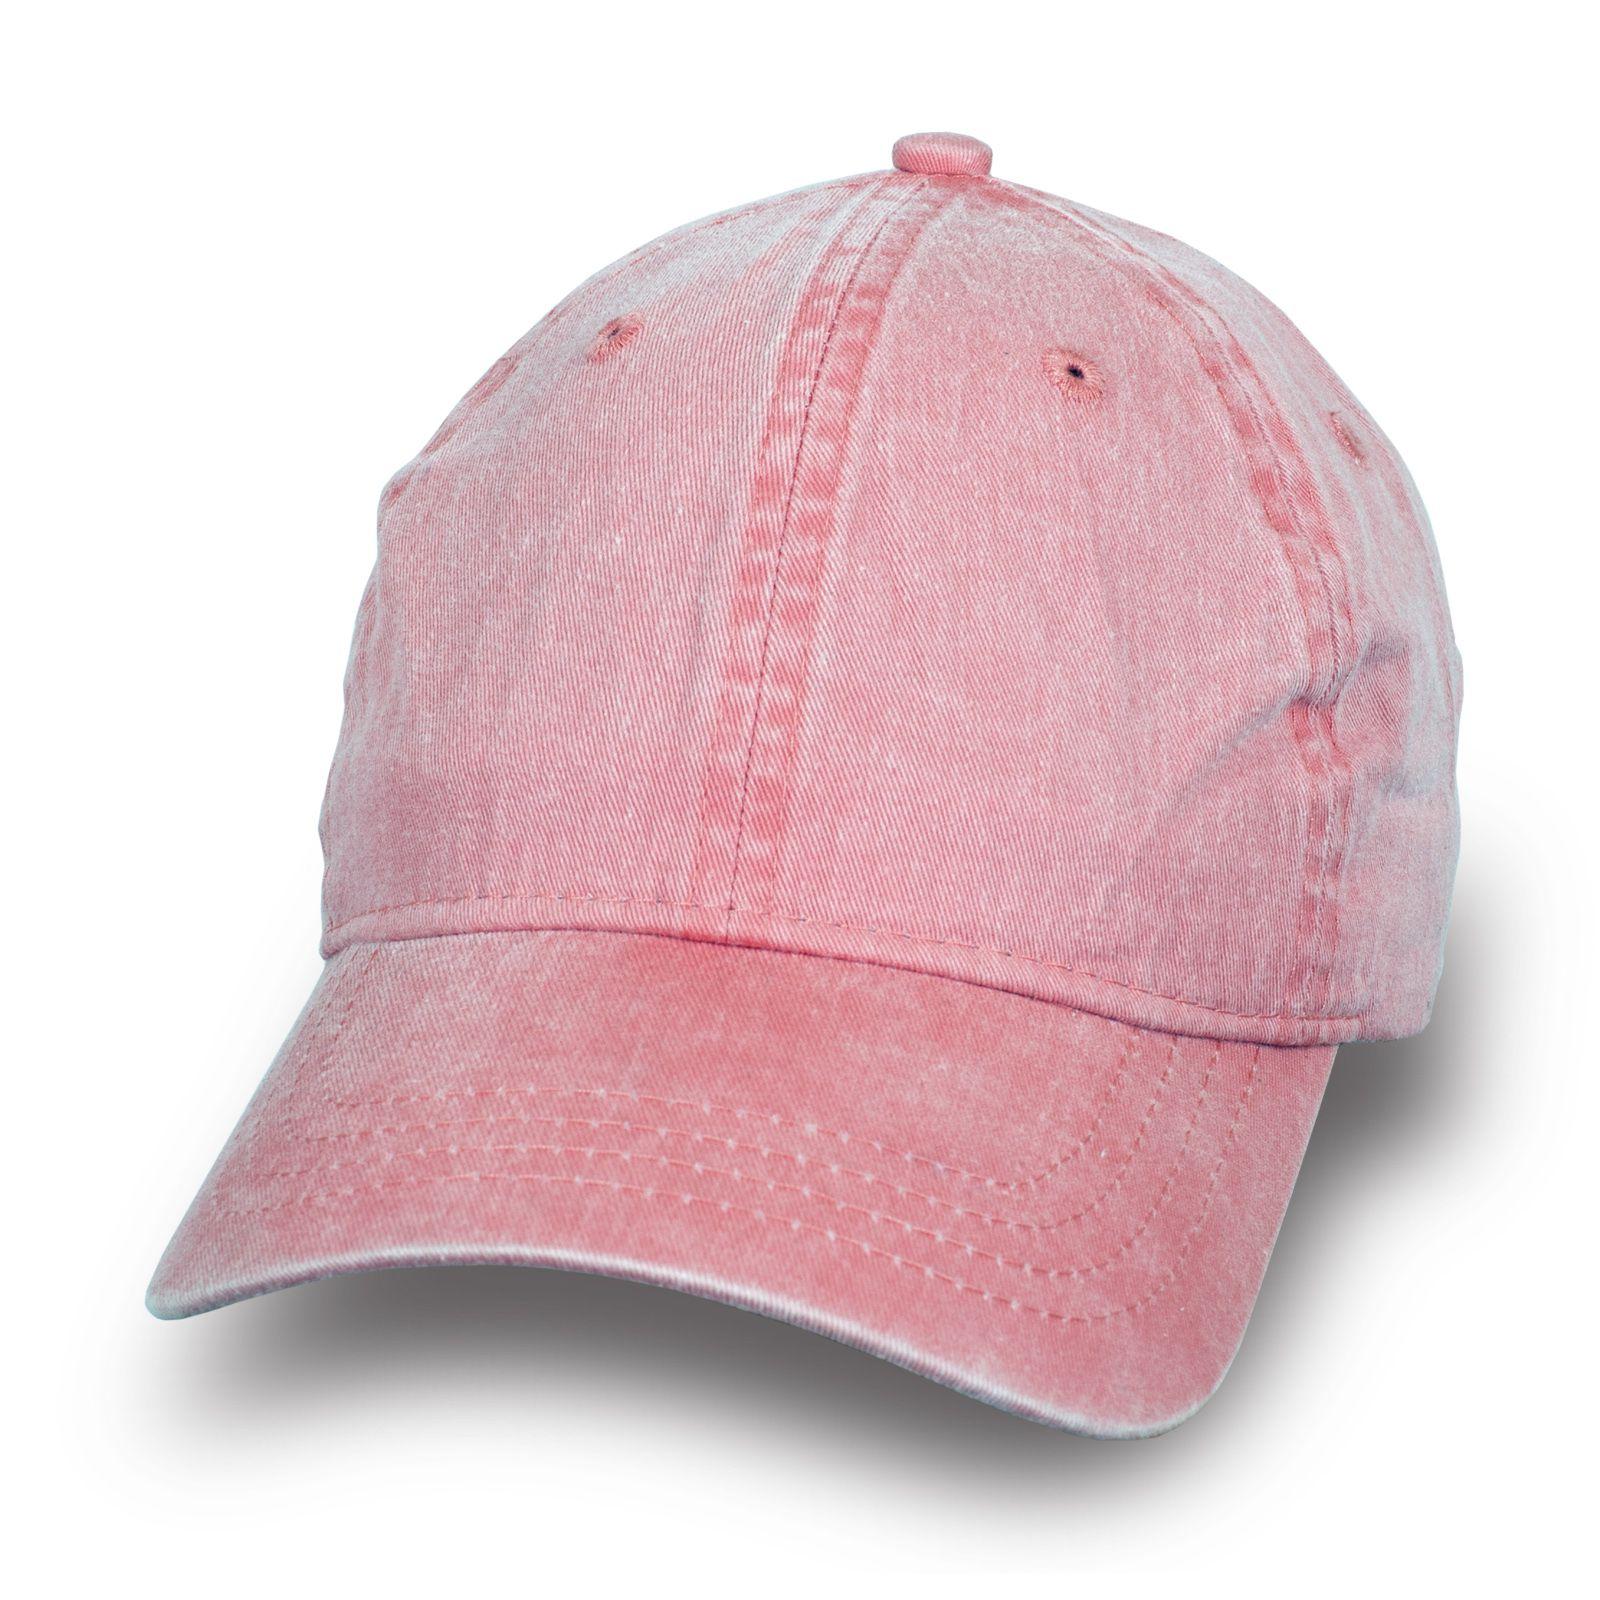 Стильная бейсболка цвета розовый джинс